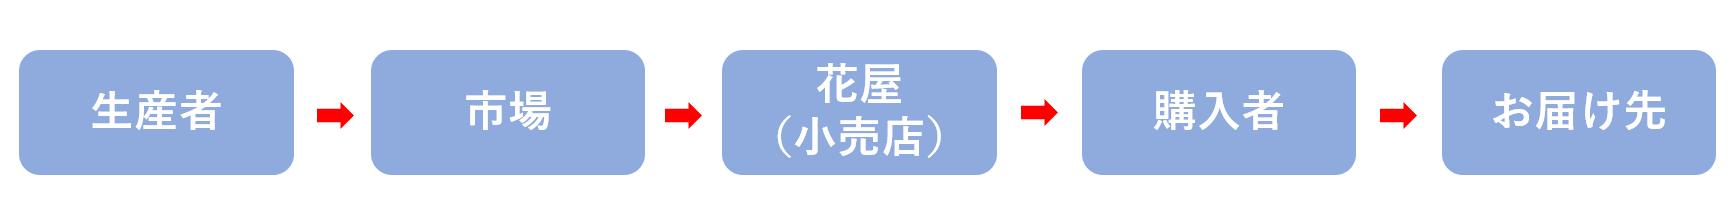 生産者→市場→花屋→購入者(送り主)→お届け先